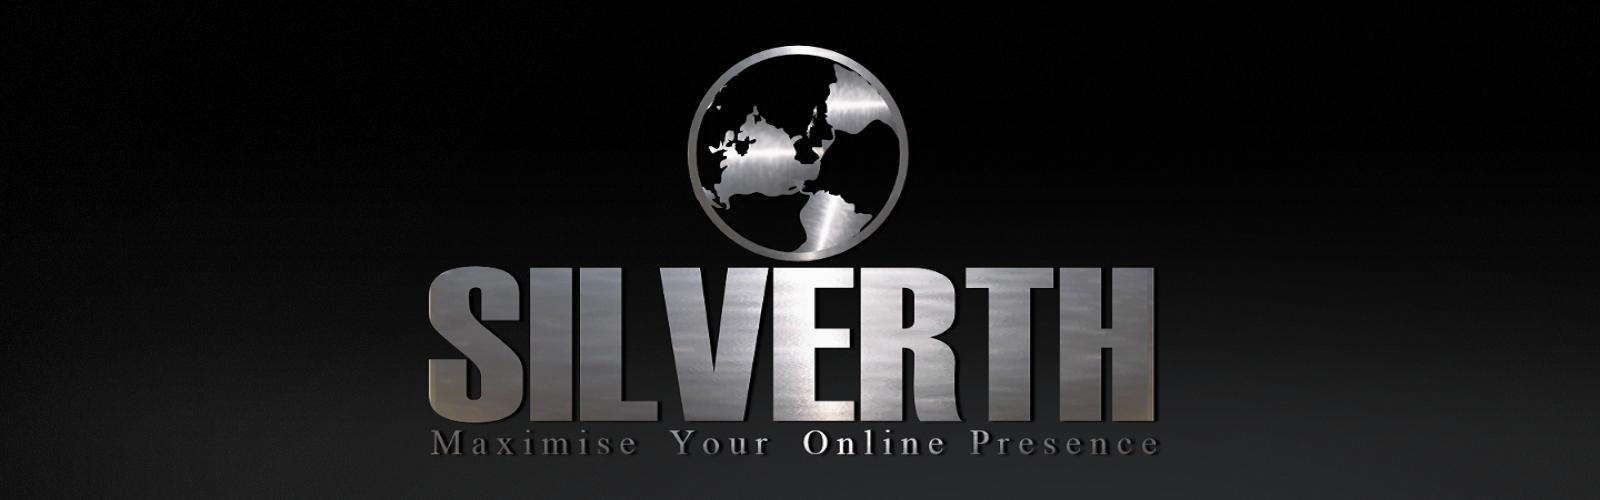 Silverth.com